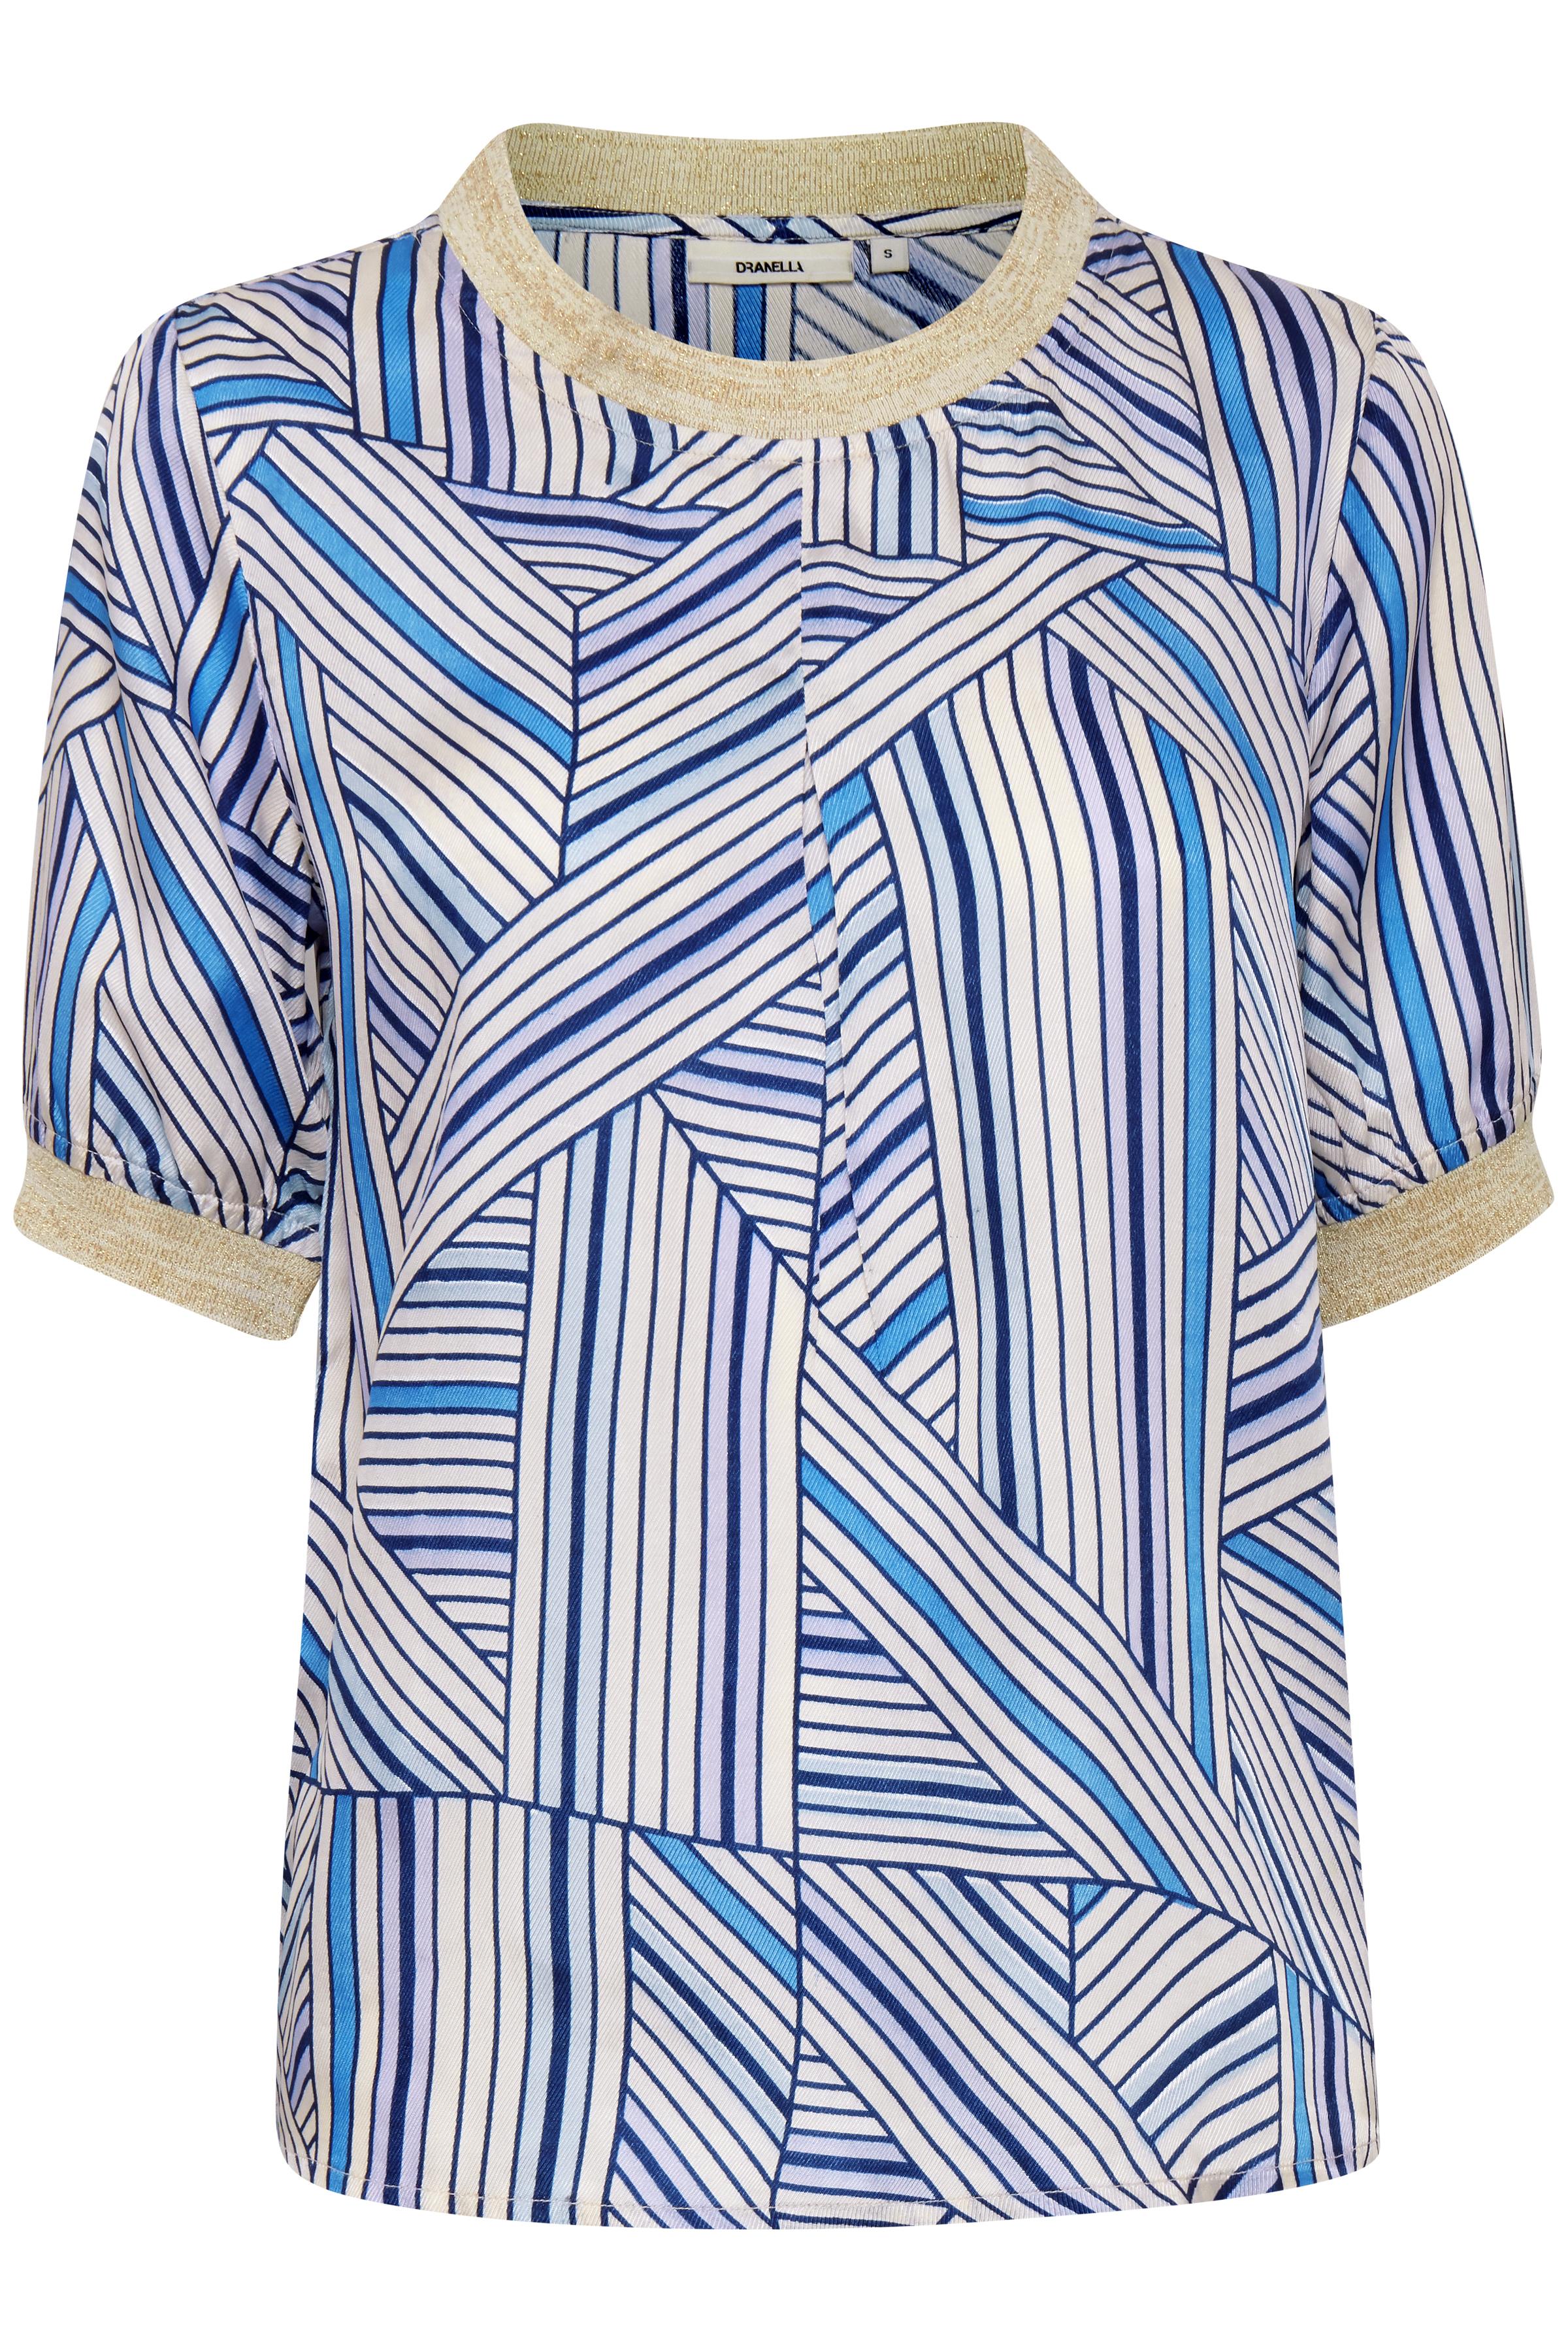 Image of Dranella Dame Bluse med korte ærmer - Off-white/blå